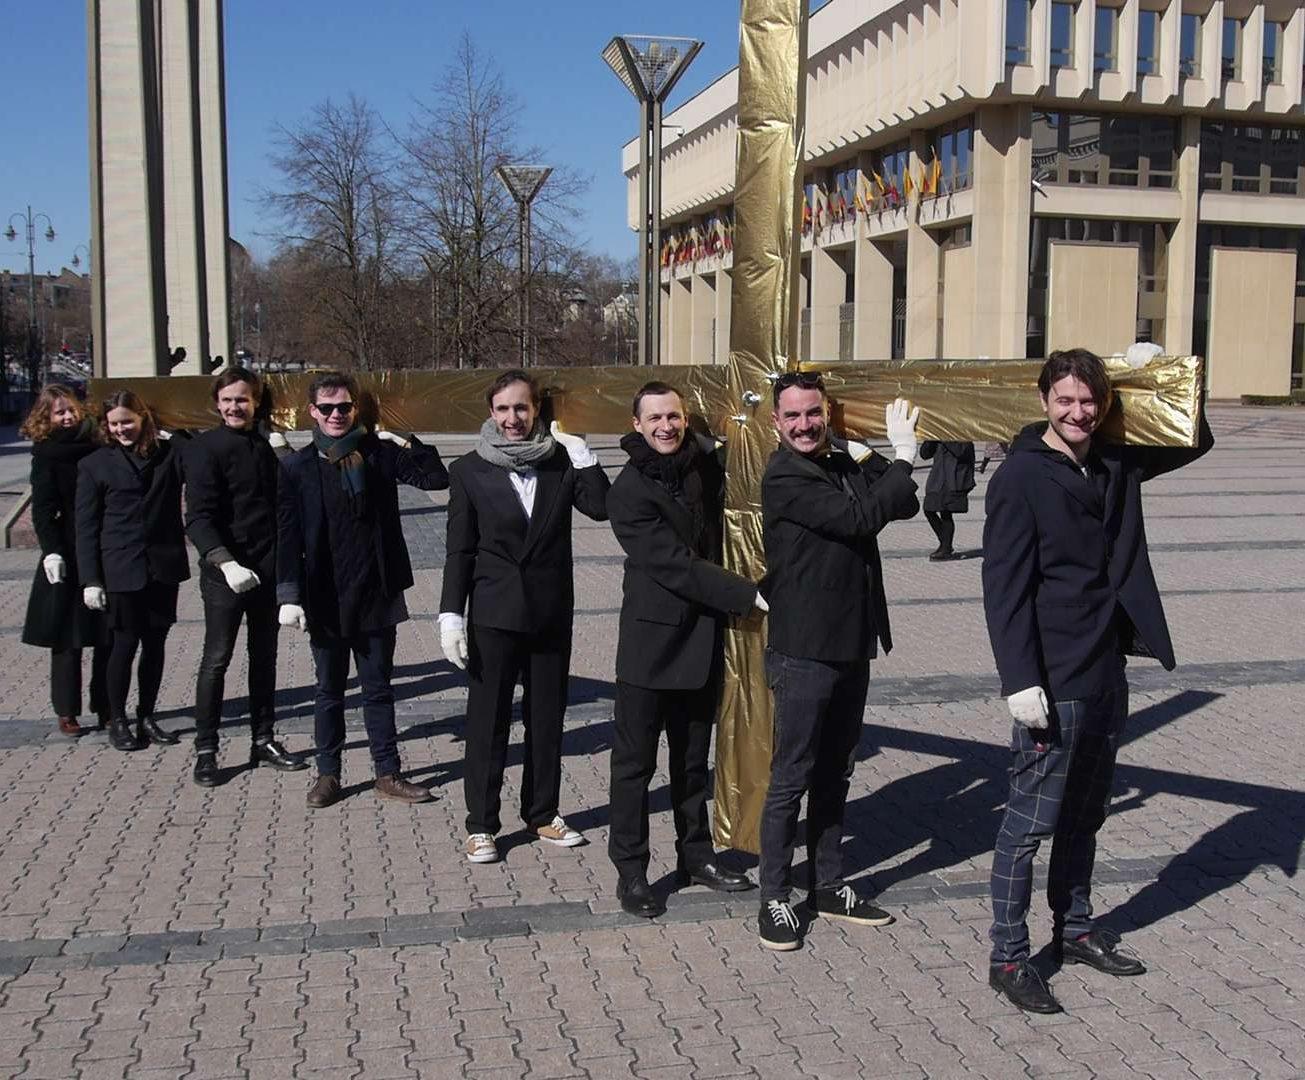 Kovo 27 d. jaunieji aktoriai Teatro dienos proga visai kultūrai pastatė auksinį kryžių | Alkas.lt, J. Vaiškūno nuotr.